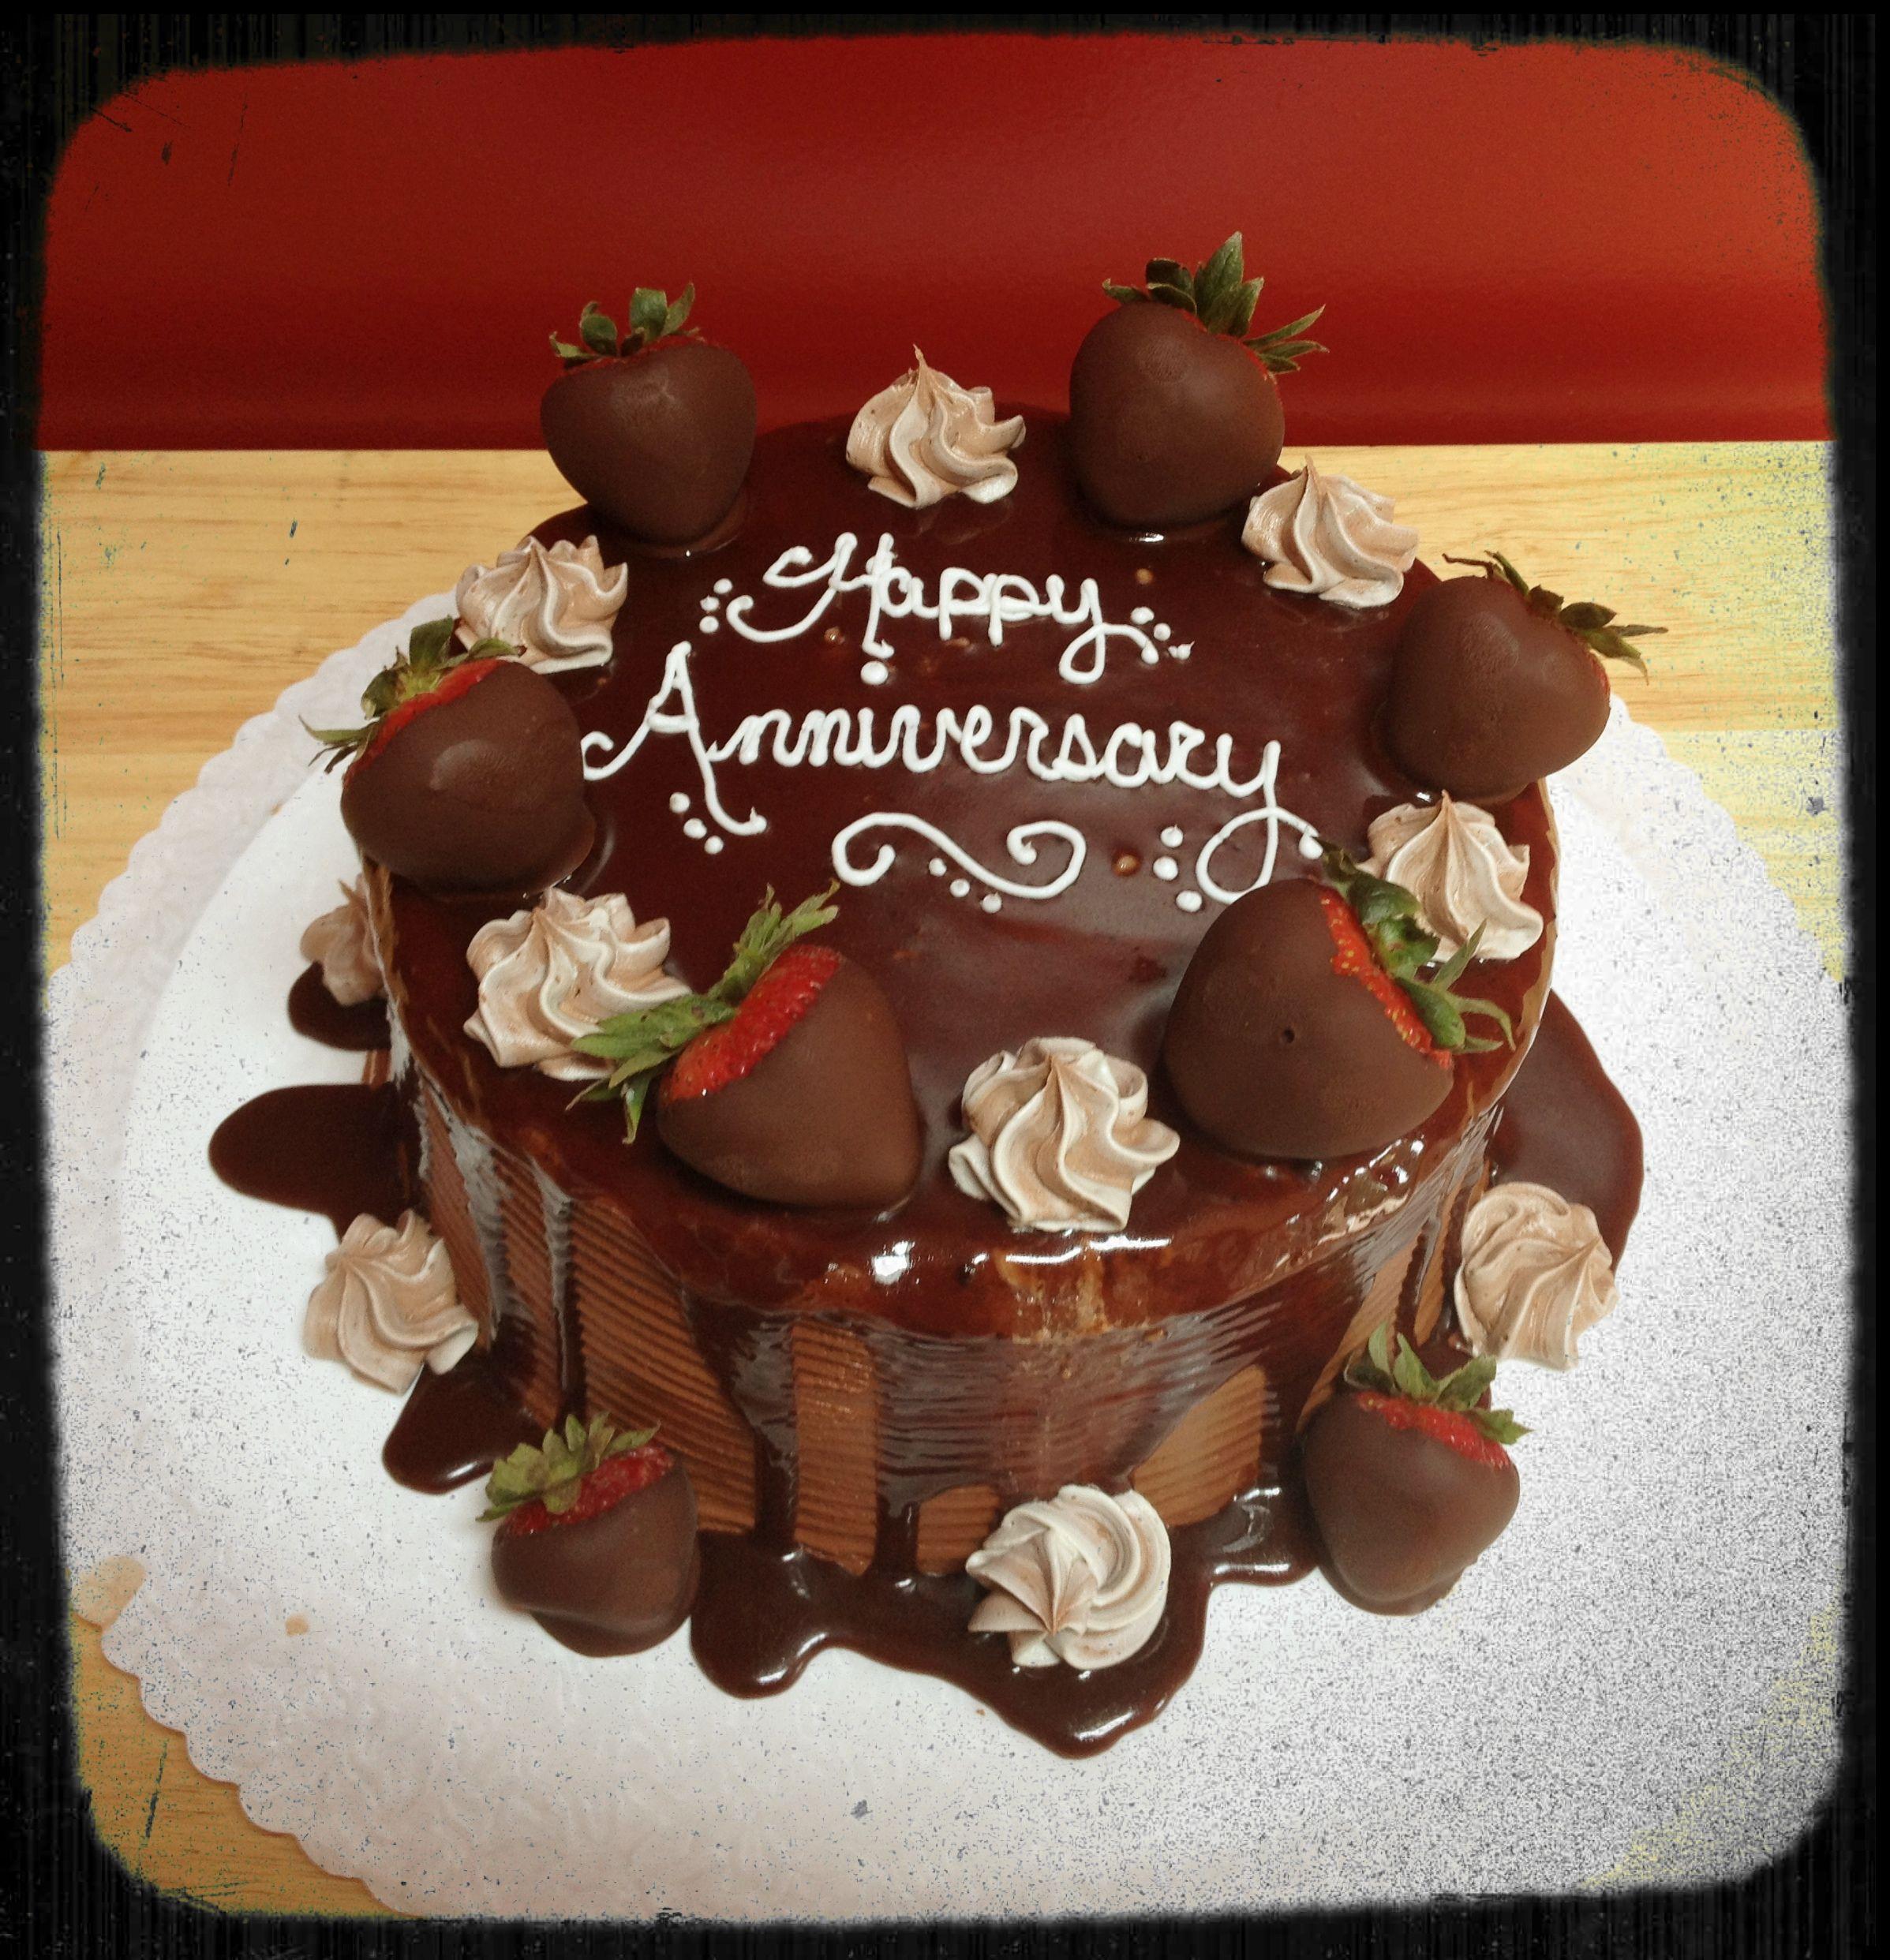 Anniversary Chocolate Strawberry Cake | My Cakes :-) | Pinterest ...